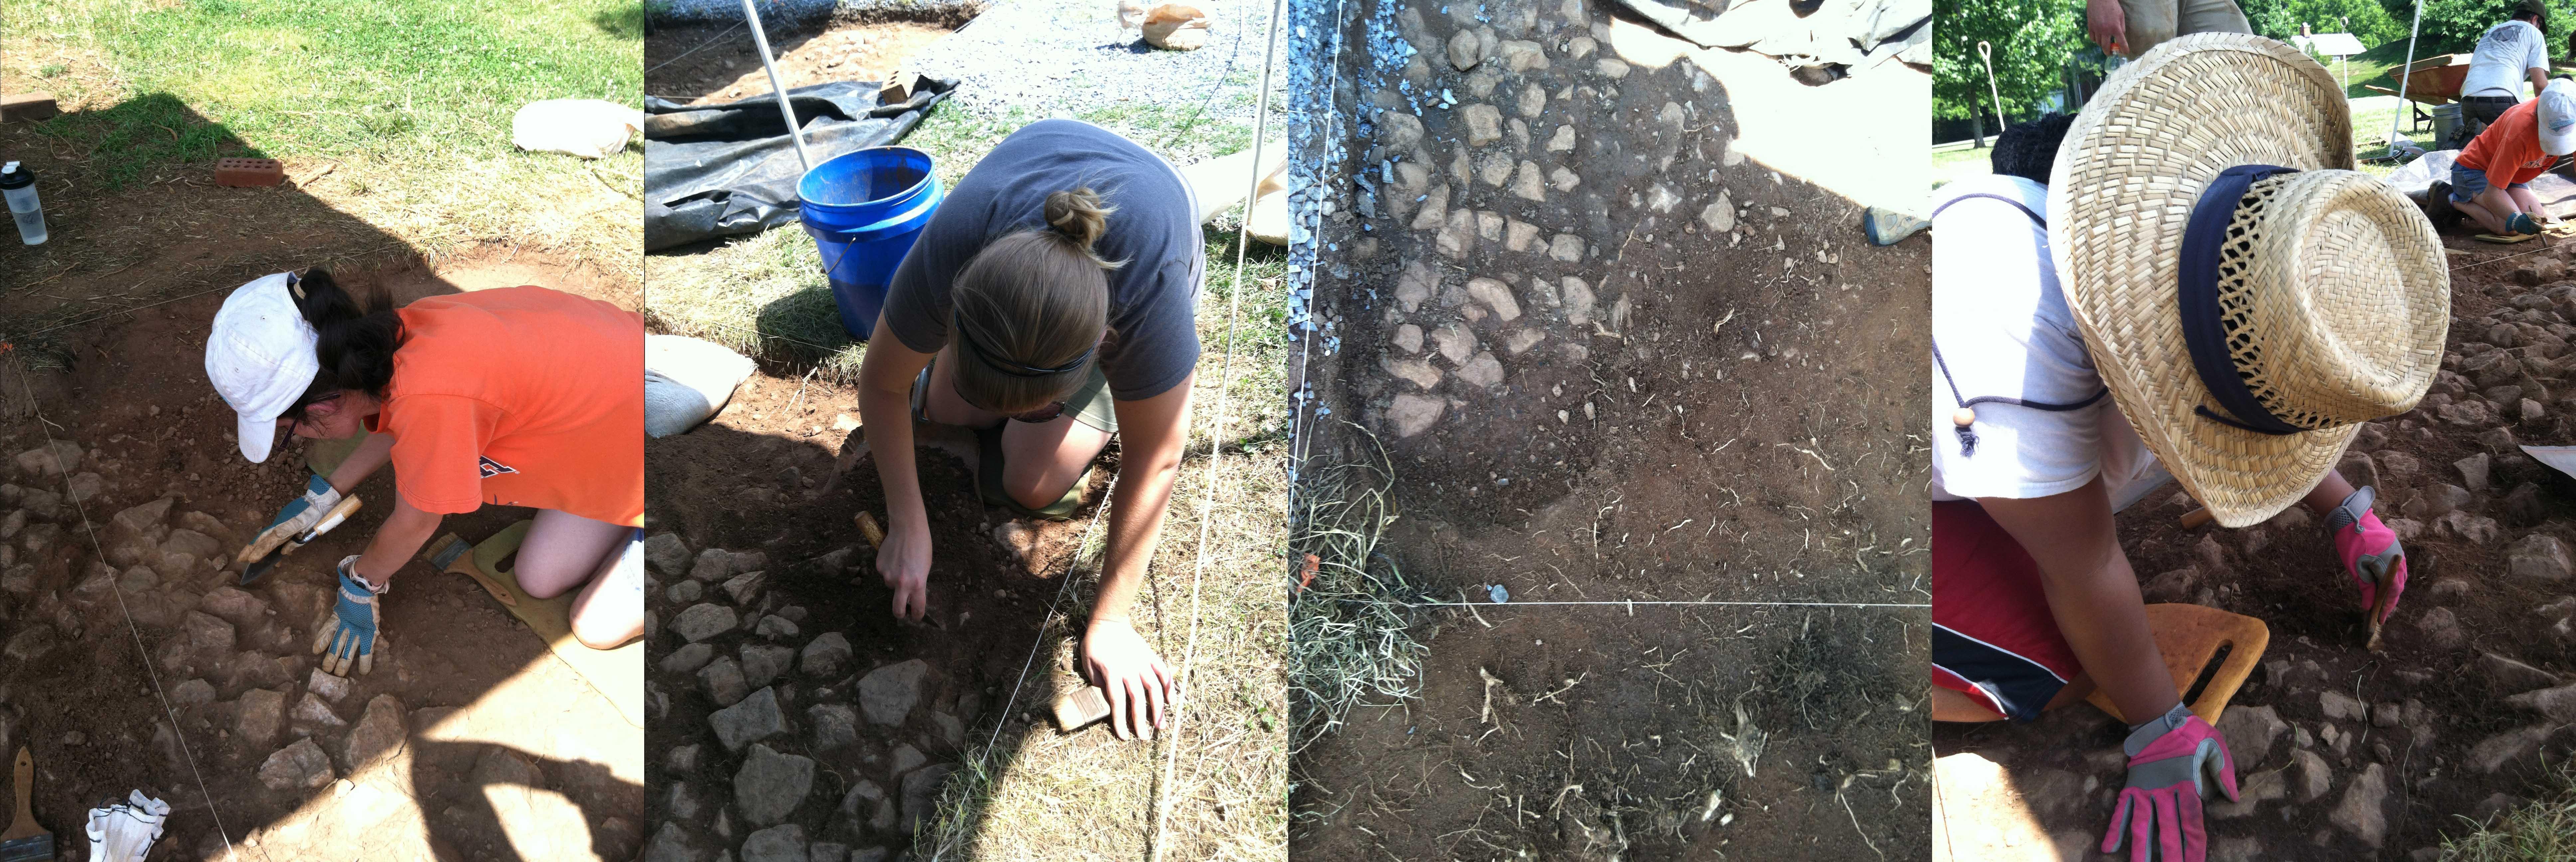 week 3 excavation